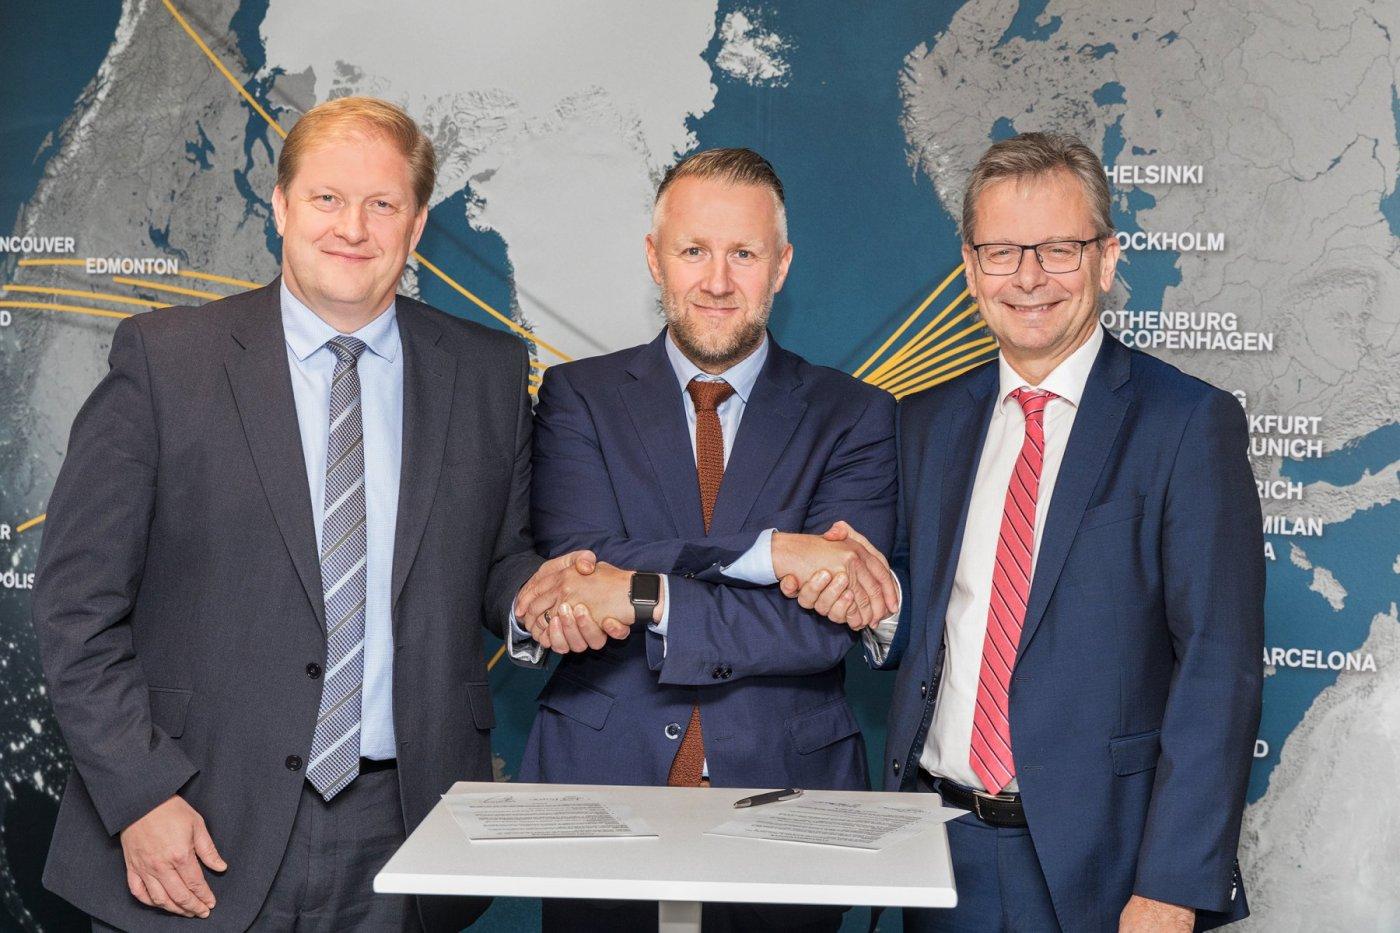 Ari Kristinn Jónsson, Birkir Hólm Guðnason og Jón Atli Benediktsson.